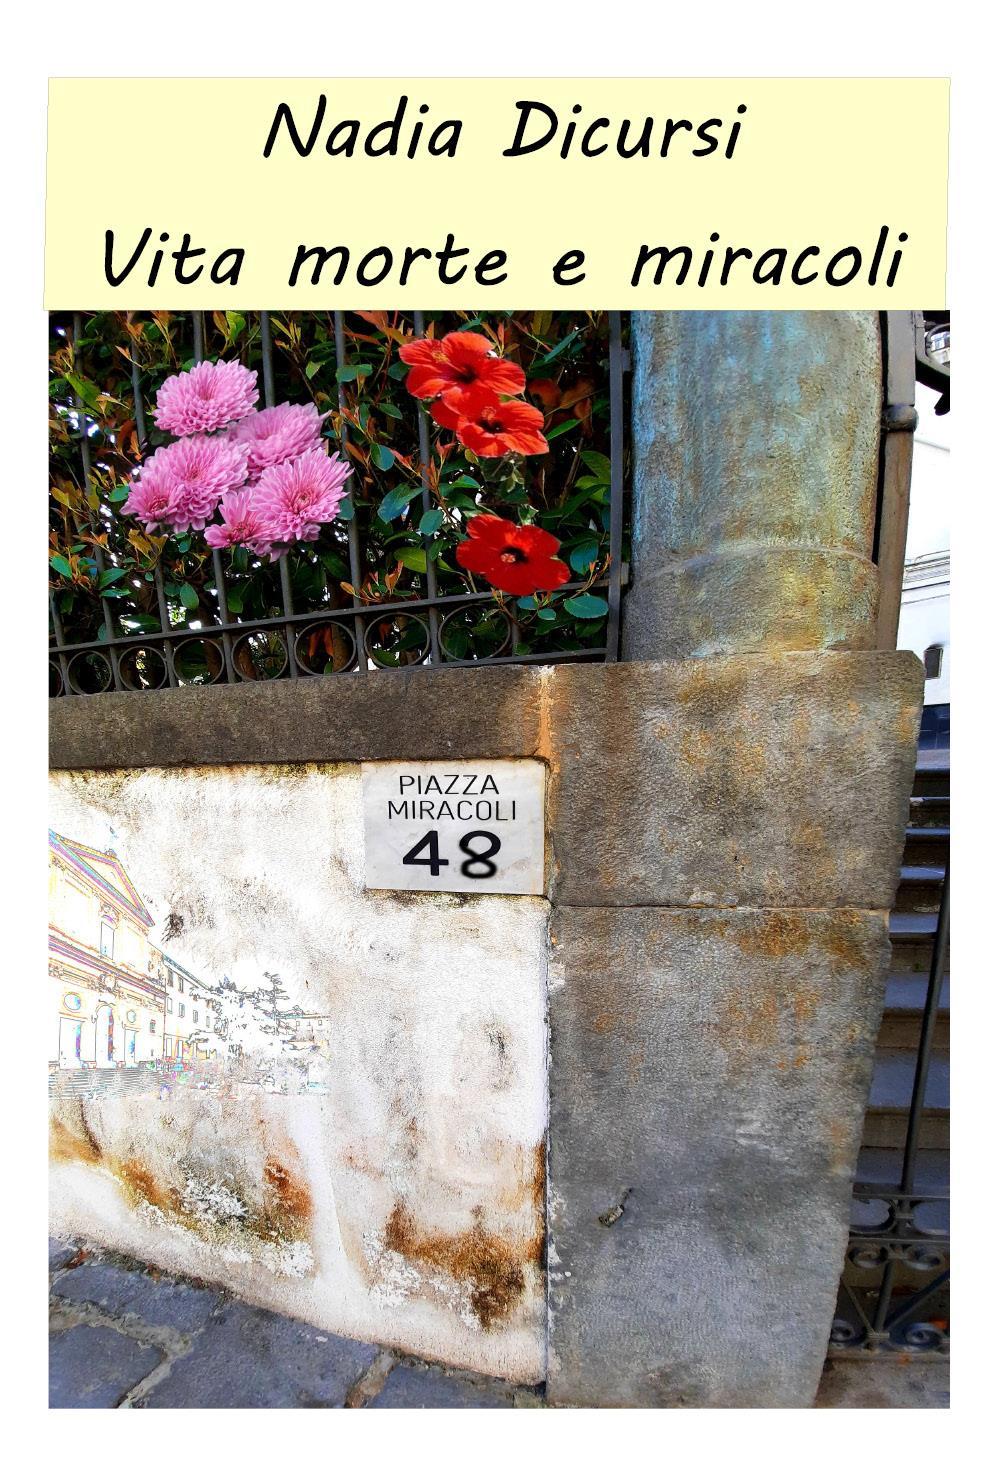 Vita morte e miracoli